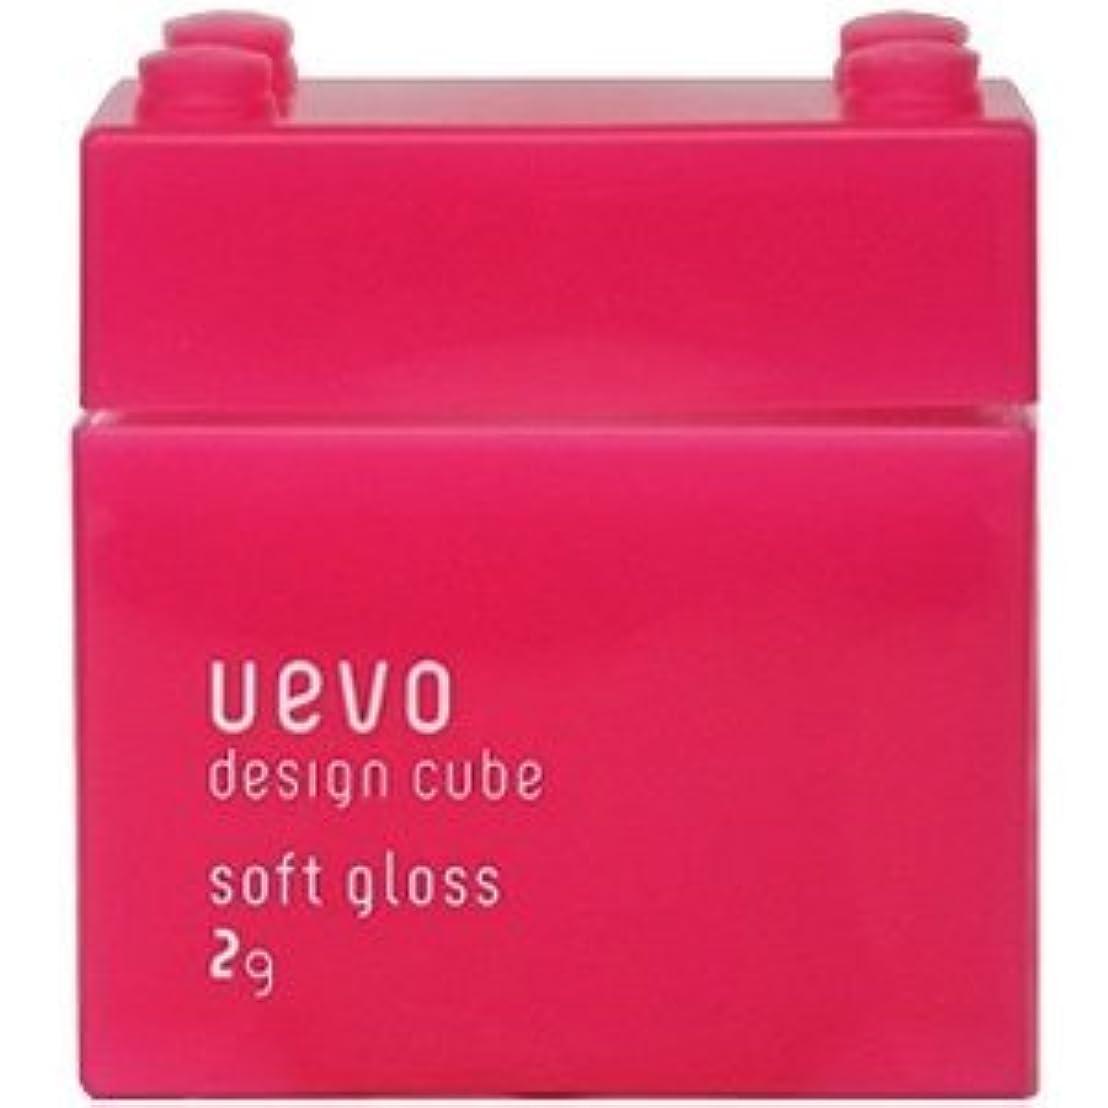 を必要としていますまもなく純粋な【X2個セット】 デミ ウェーボ デザインキューブ ソフトグロス 80g soft gloss DEMI uevo design cube